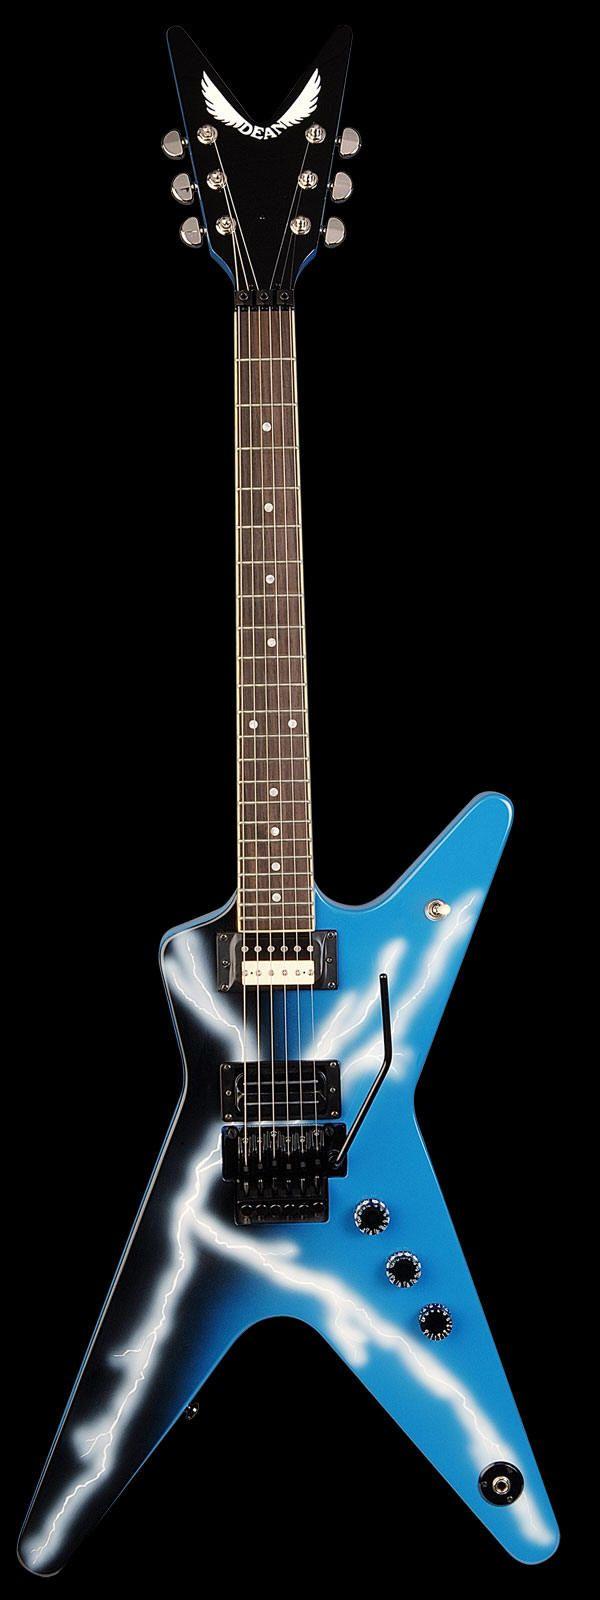 Dean Guitars Dimebag Dean guitars d